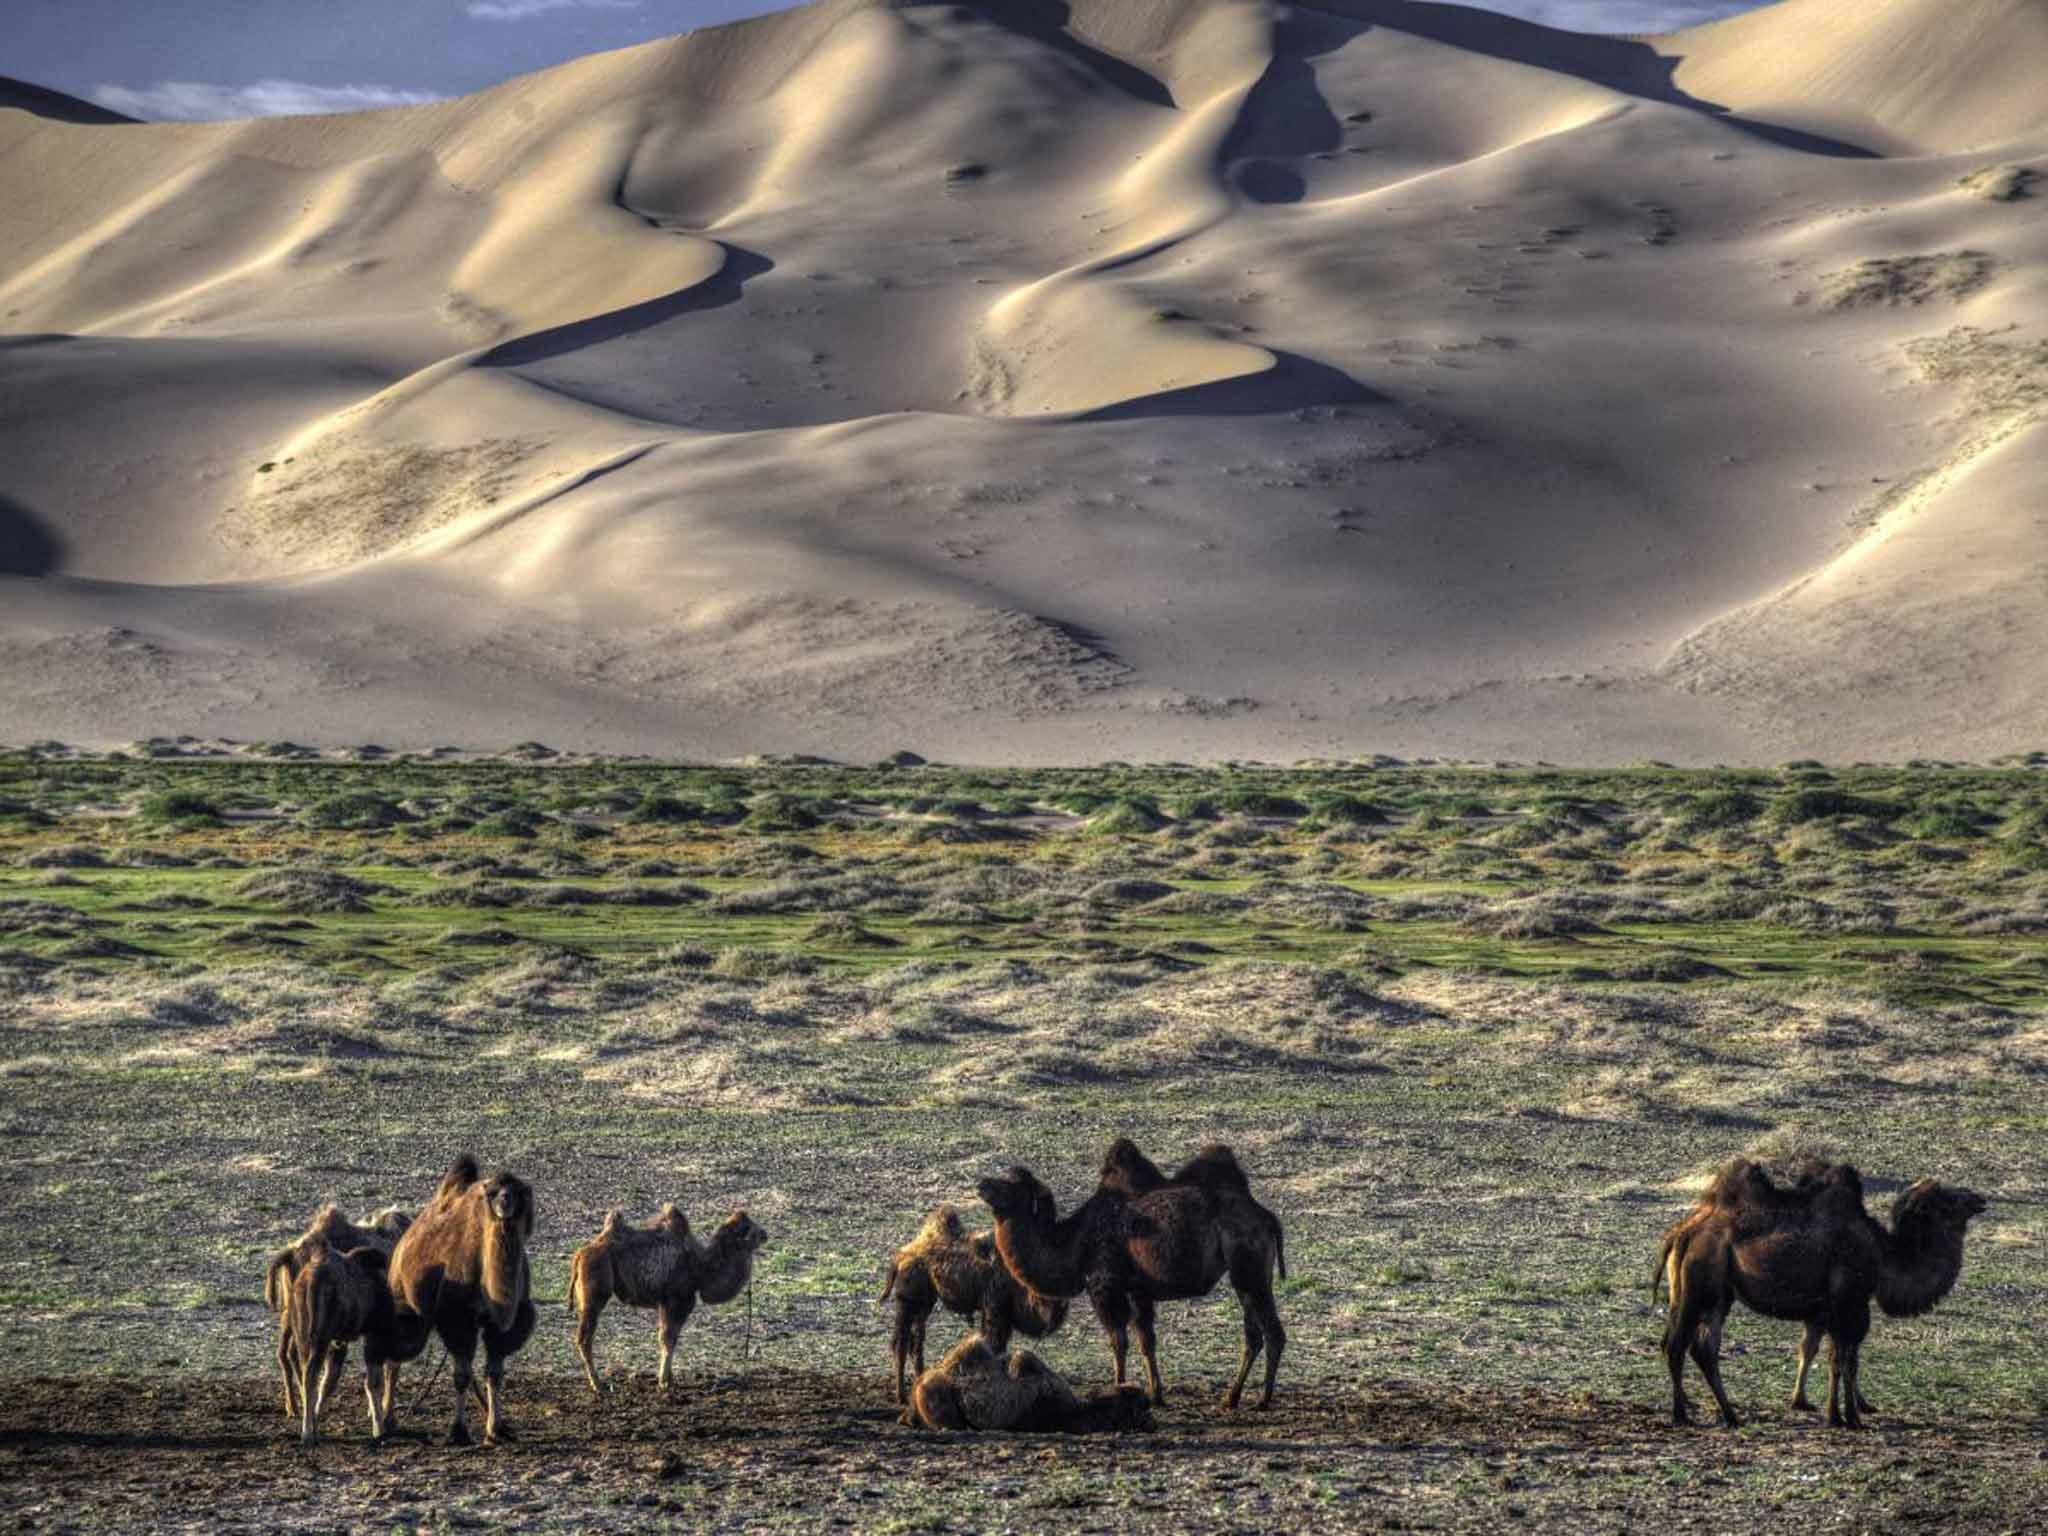 El ambiente en youtube. - Página 6 Mongolila-camels-rex